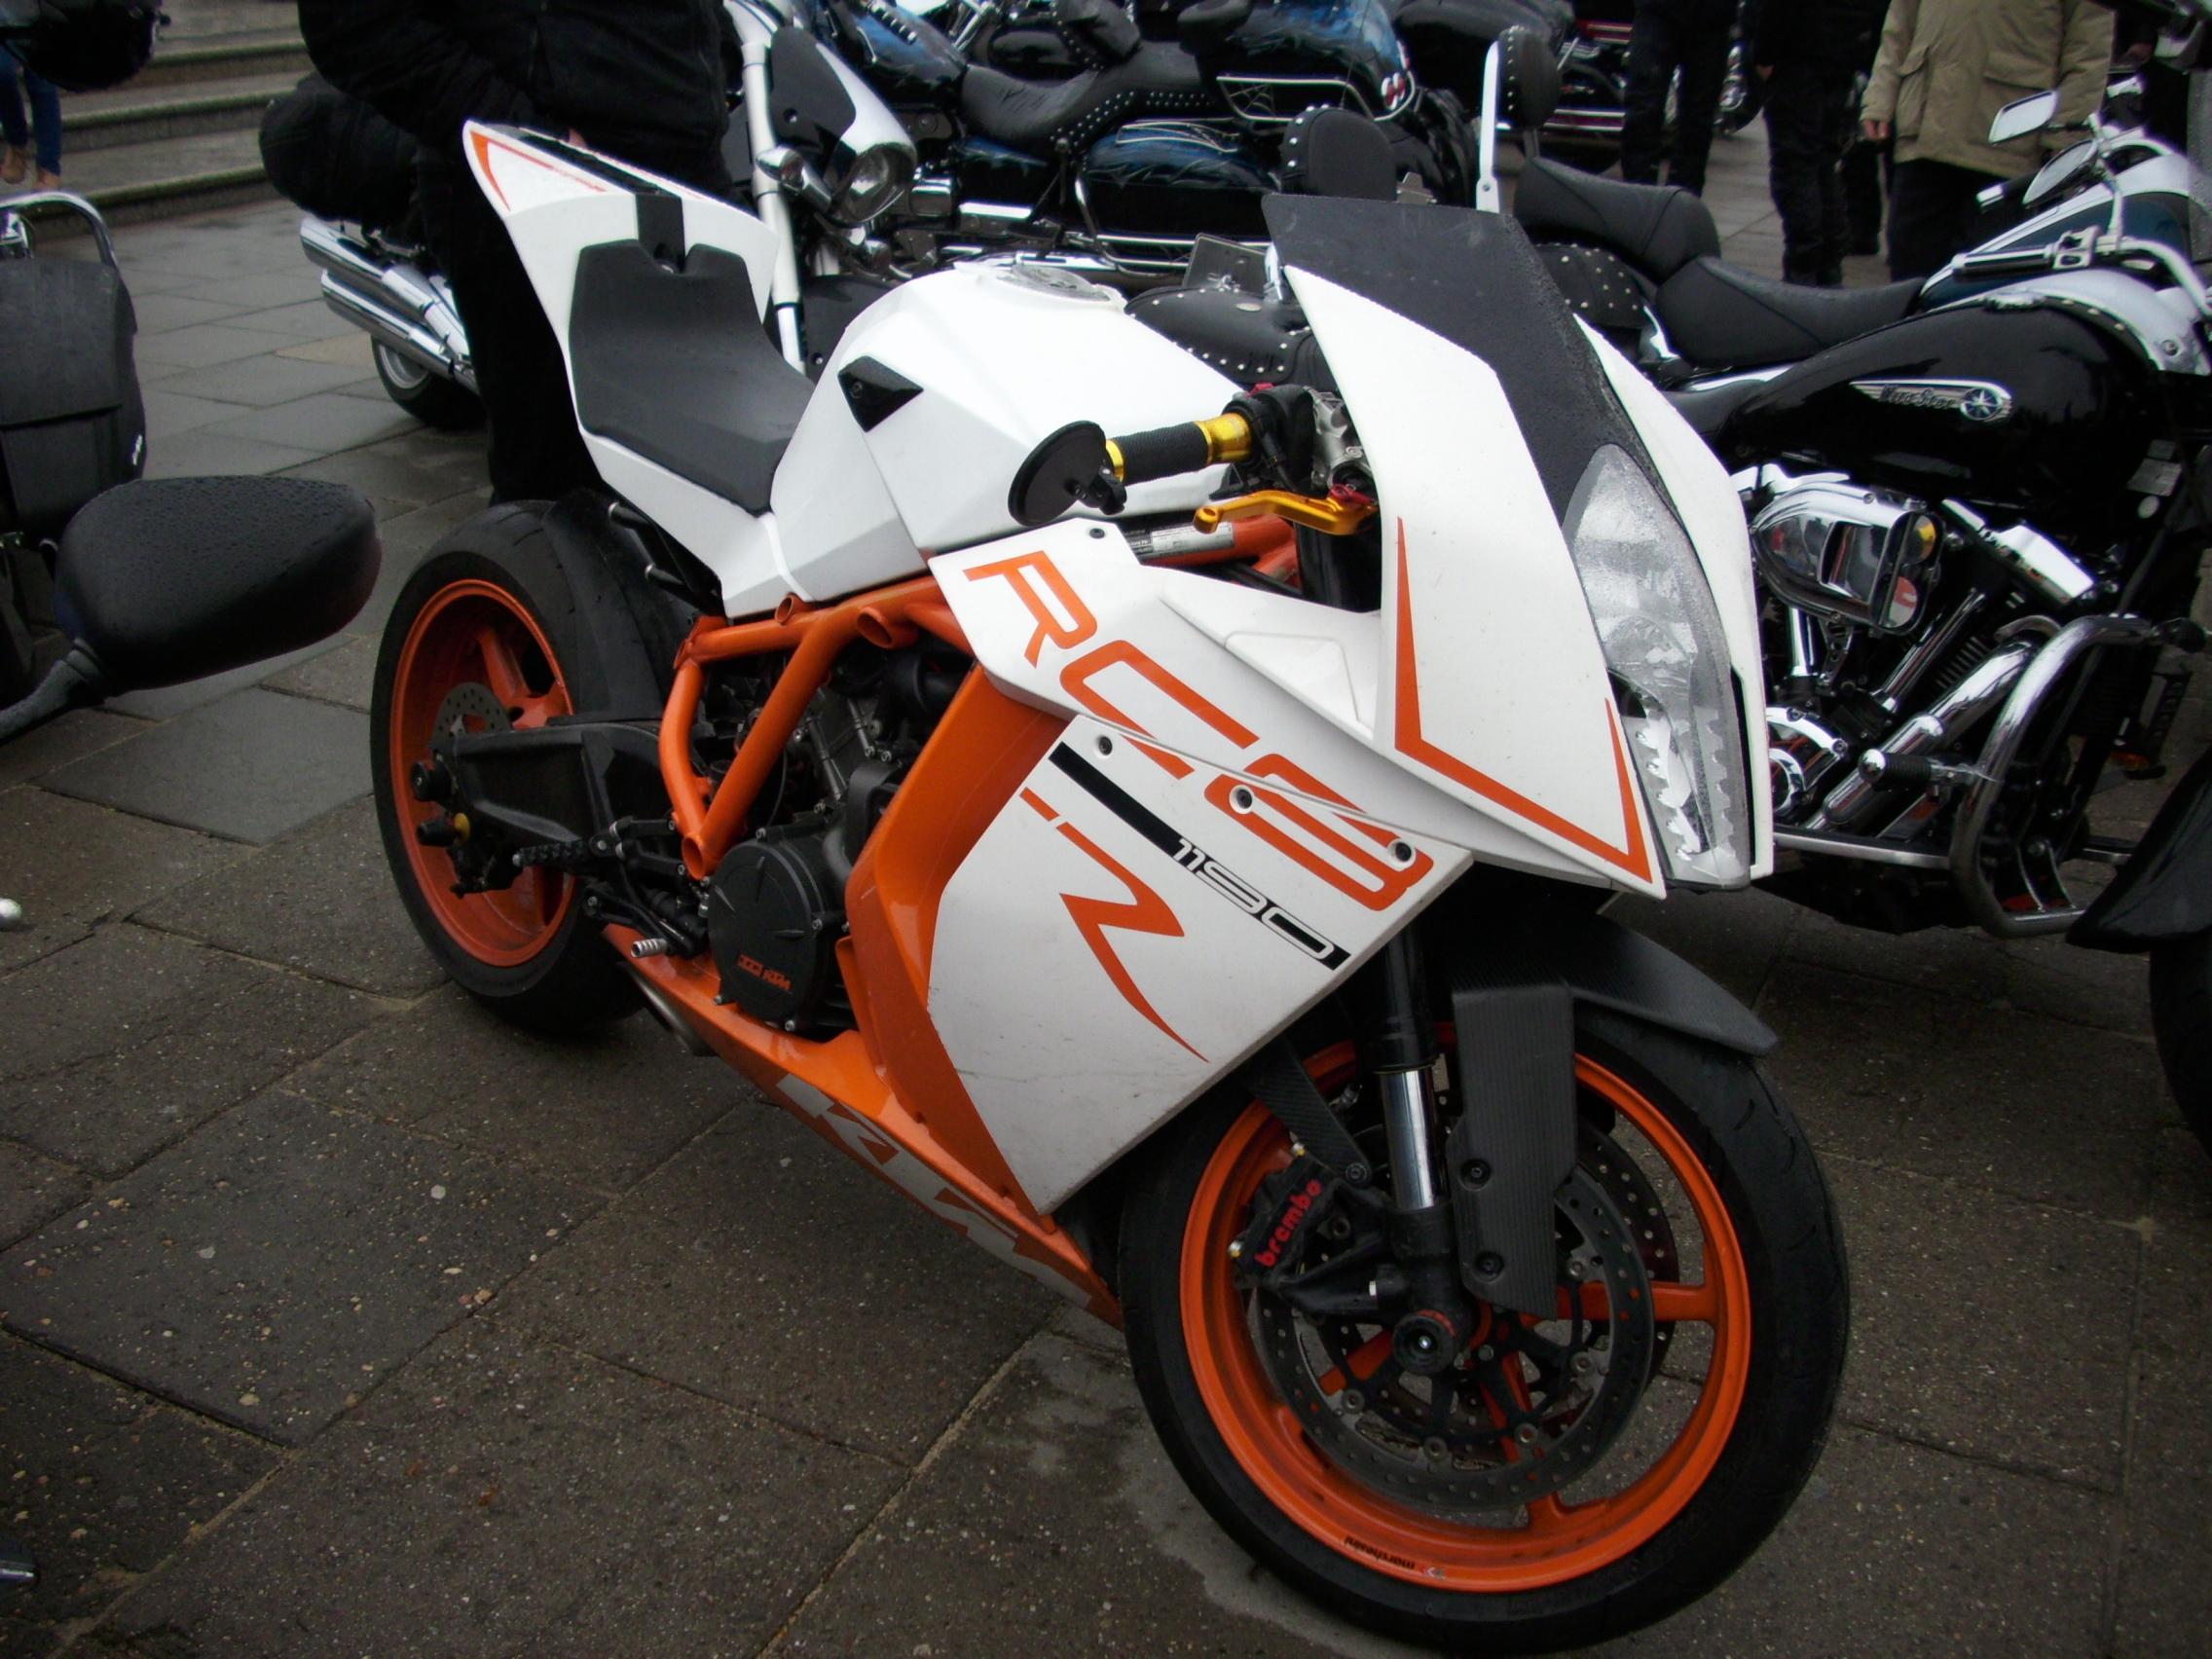 Ktm Rcb Bike Price